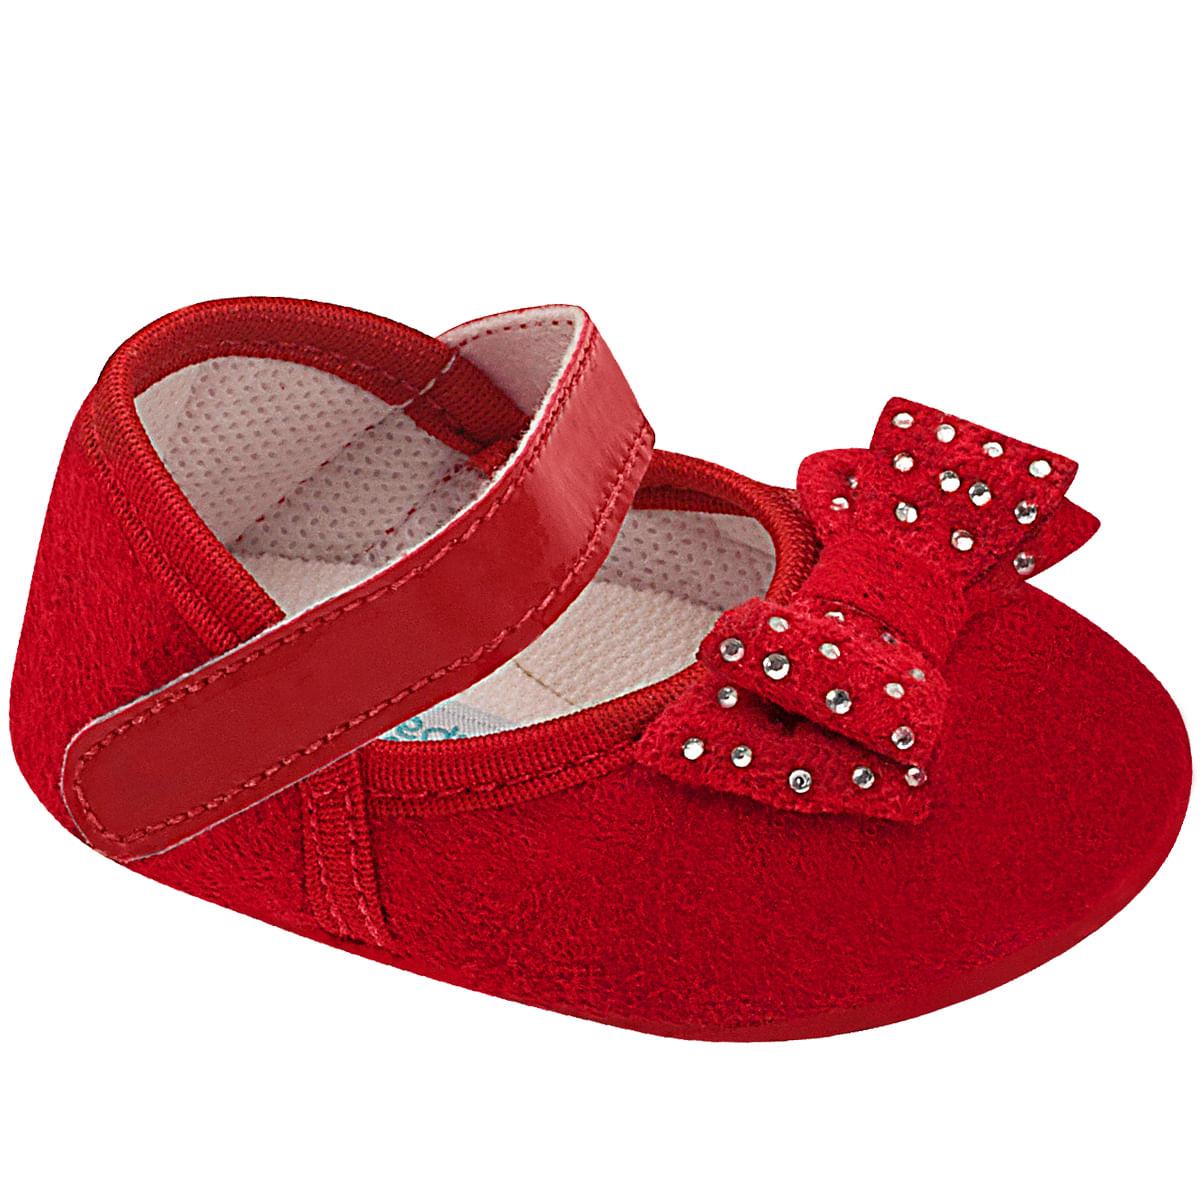 bbfb6d18c Sapatilha para bebê Laço & Strass Vermelha - Unipasso no Bebefacil loja de  roupas enxoval e acessorios para bebes - bebefacil